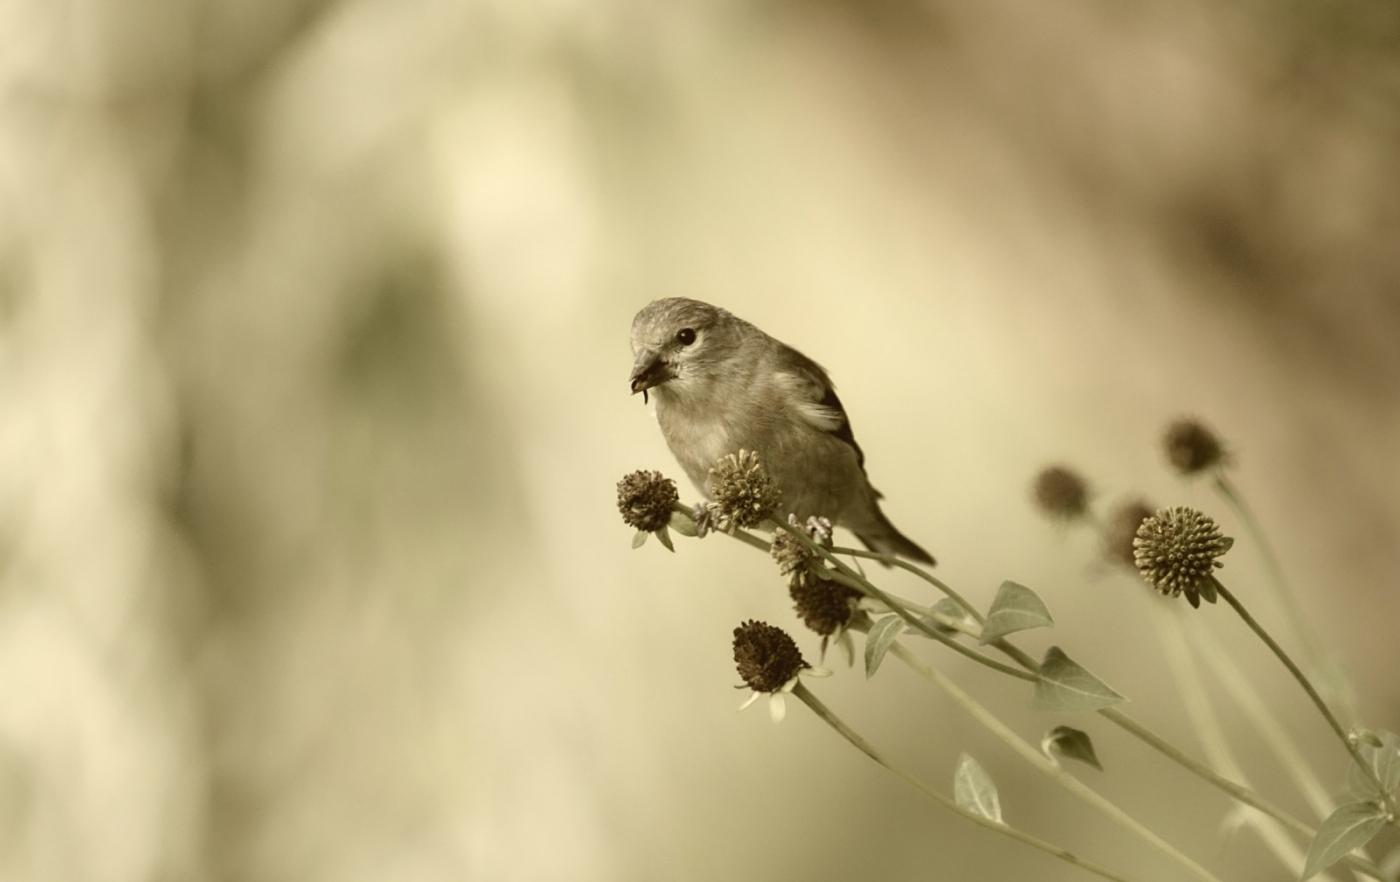 [田螺摄影]金翅鸟_图1-13